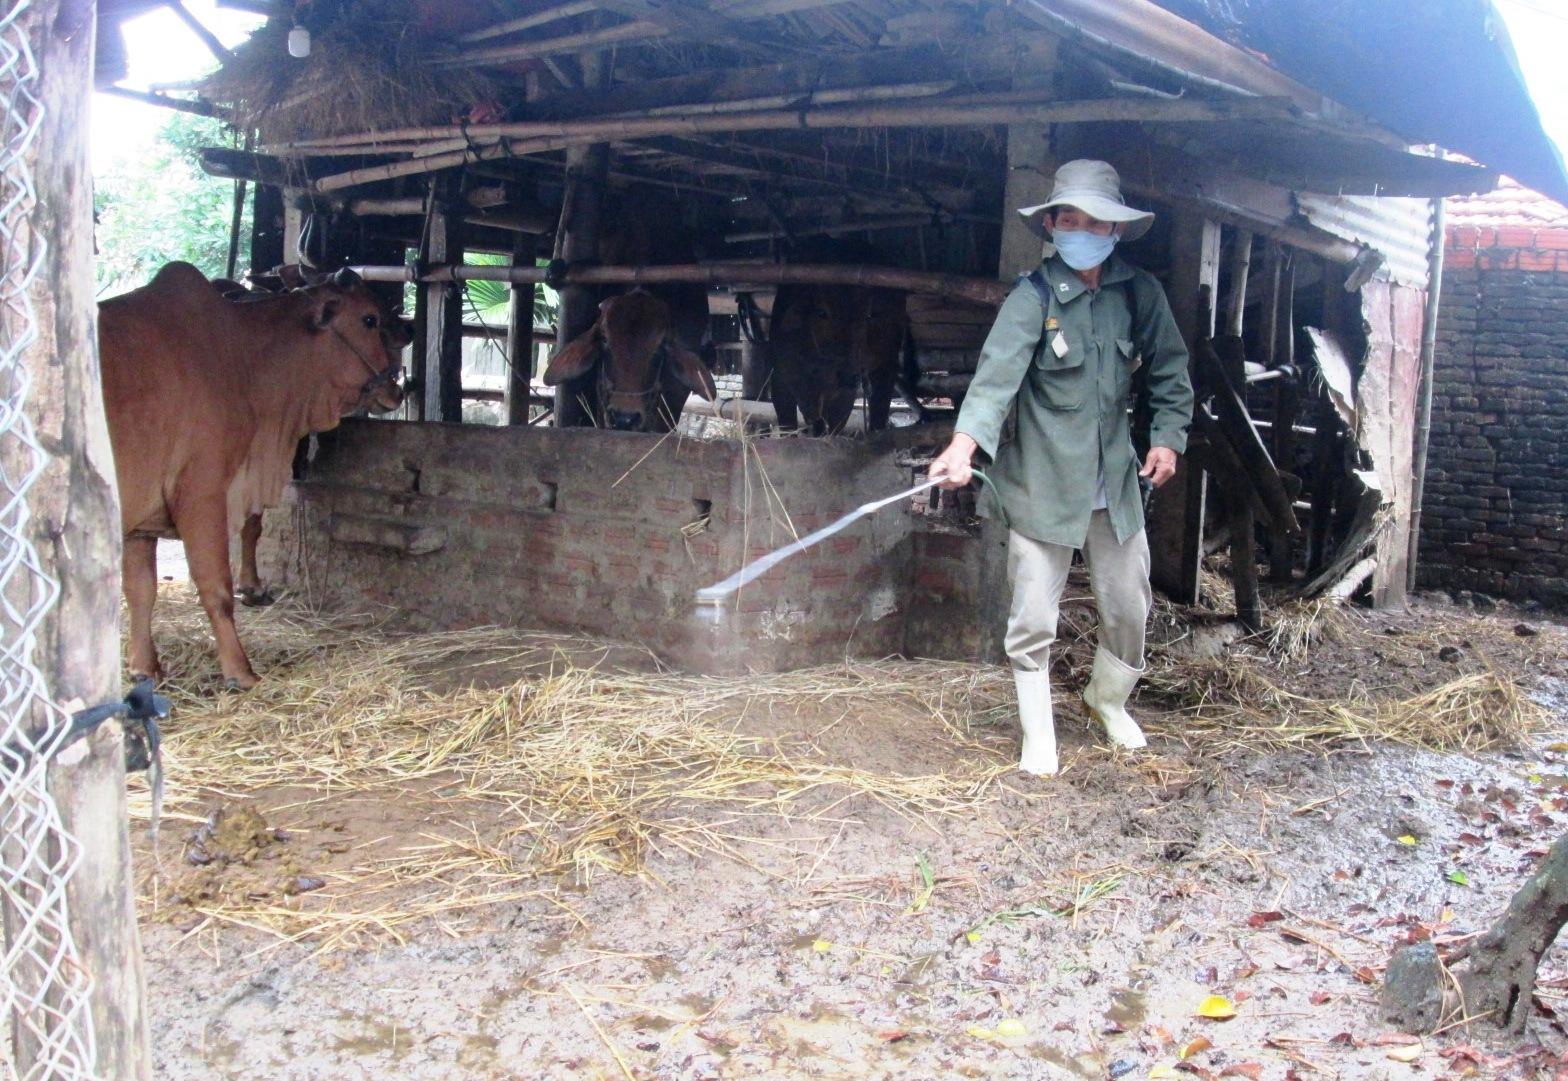 Thường xuyên vệ sinh chuồng trại chăn nuôi để ngăn chặn nguy cơ xuất hiện dịch bệnh.